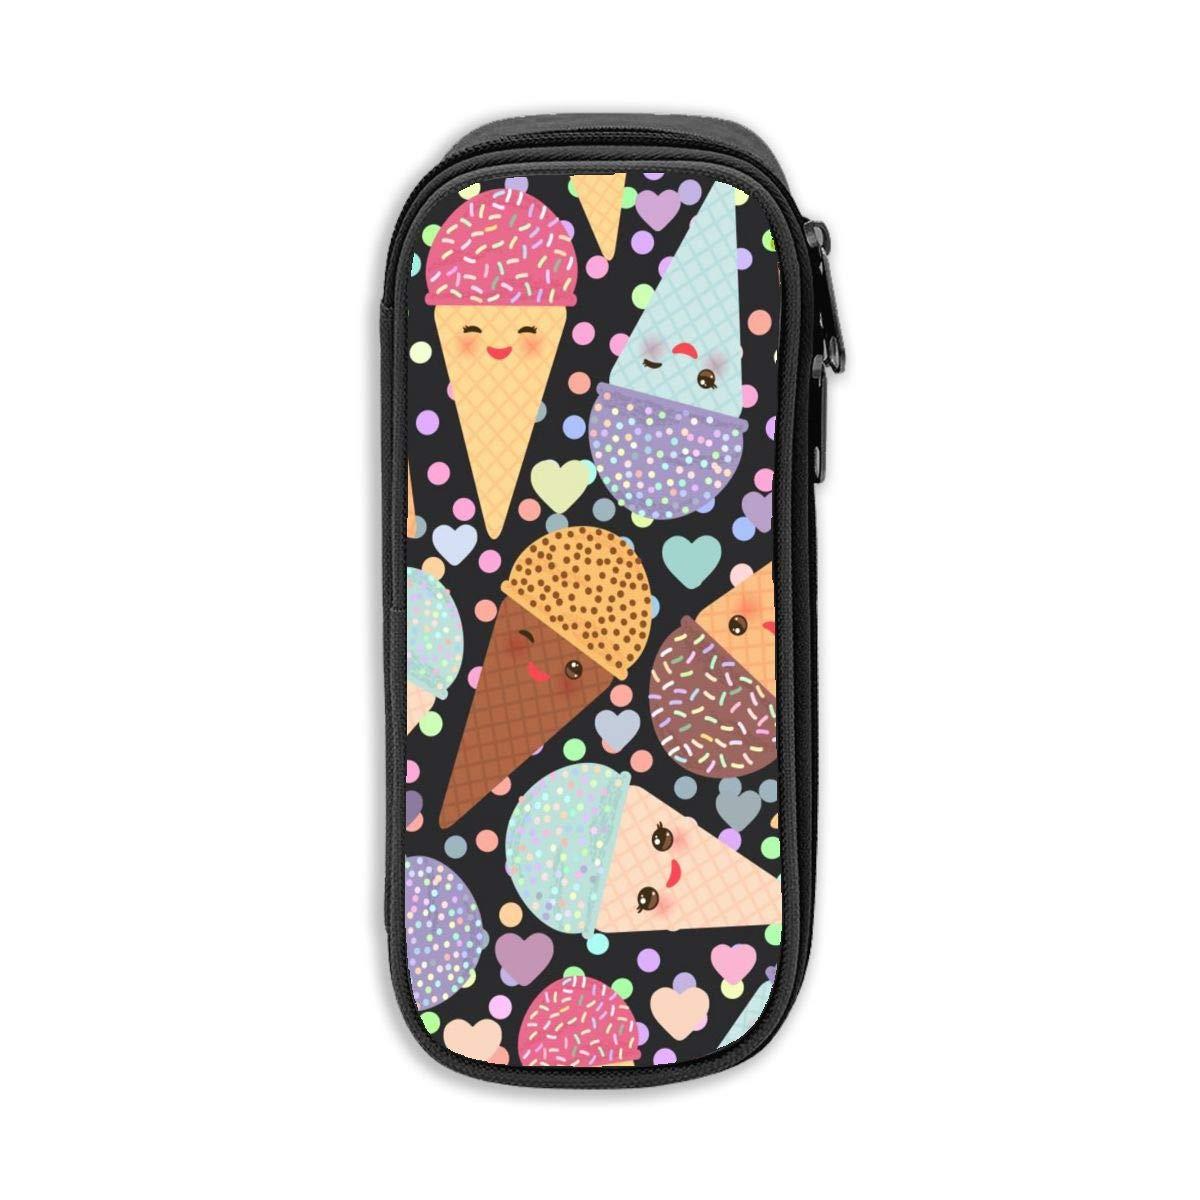 Kawaii - Estuche para lápices de helado con forma de cono de helado, gran capacidad, estuche para lápices, papelería para estudiantes, bolsa de almacenamiento de cosméticos, color negro talla única: Amazon.es: Oficina